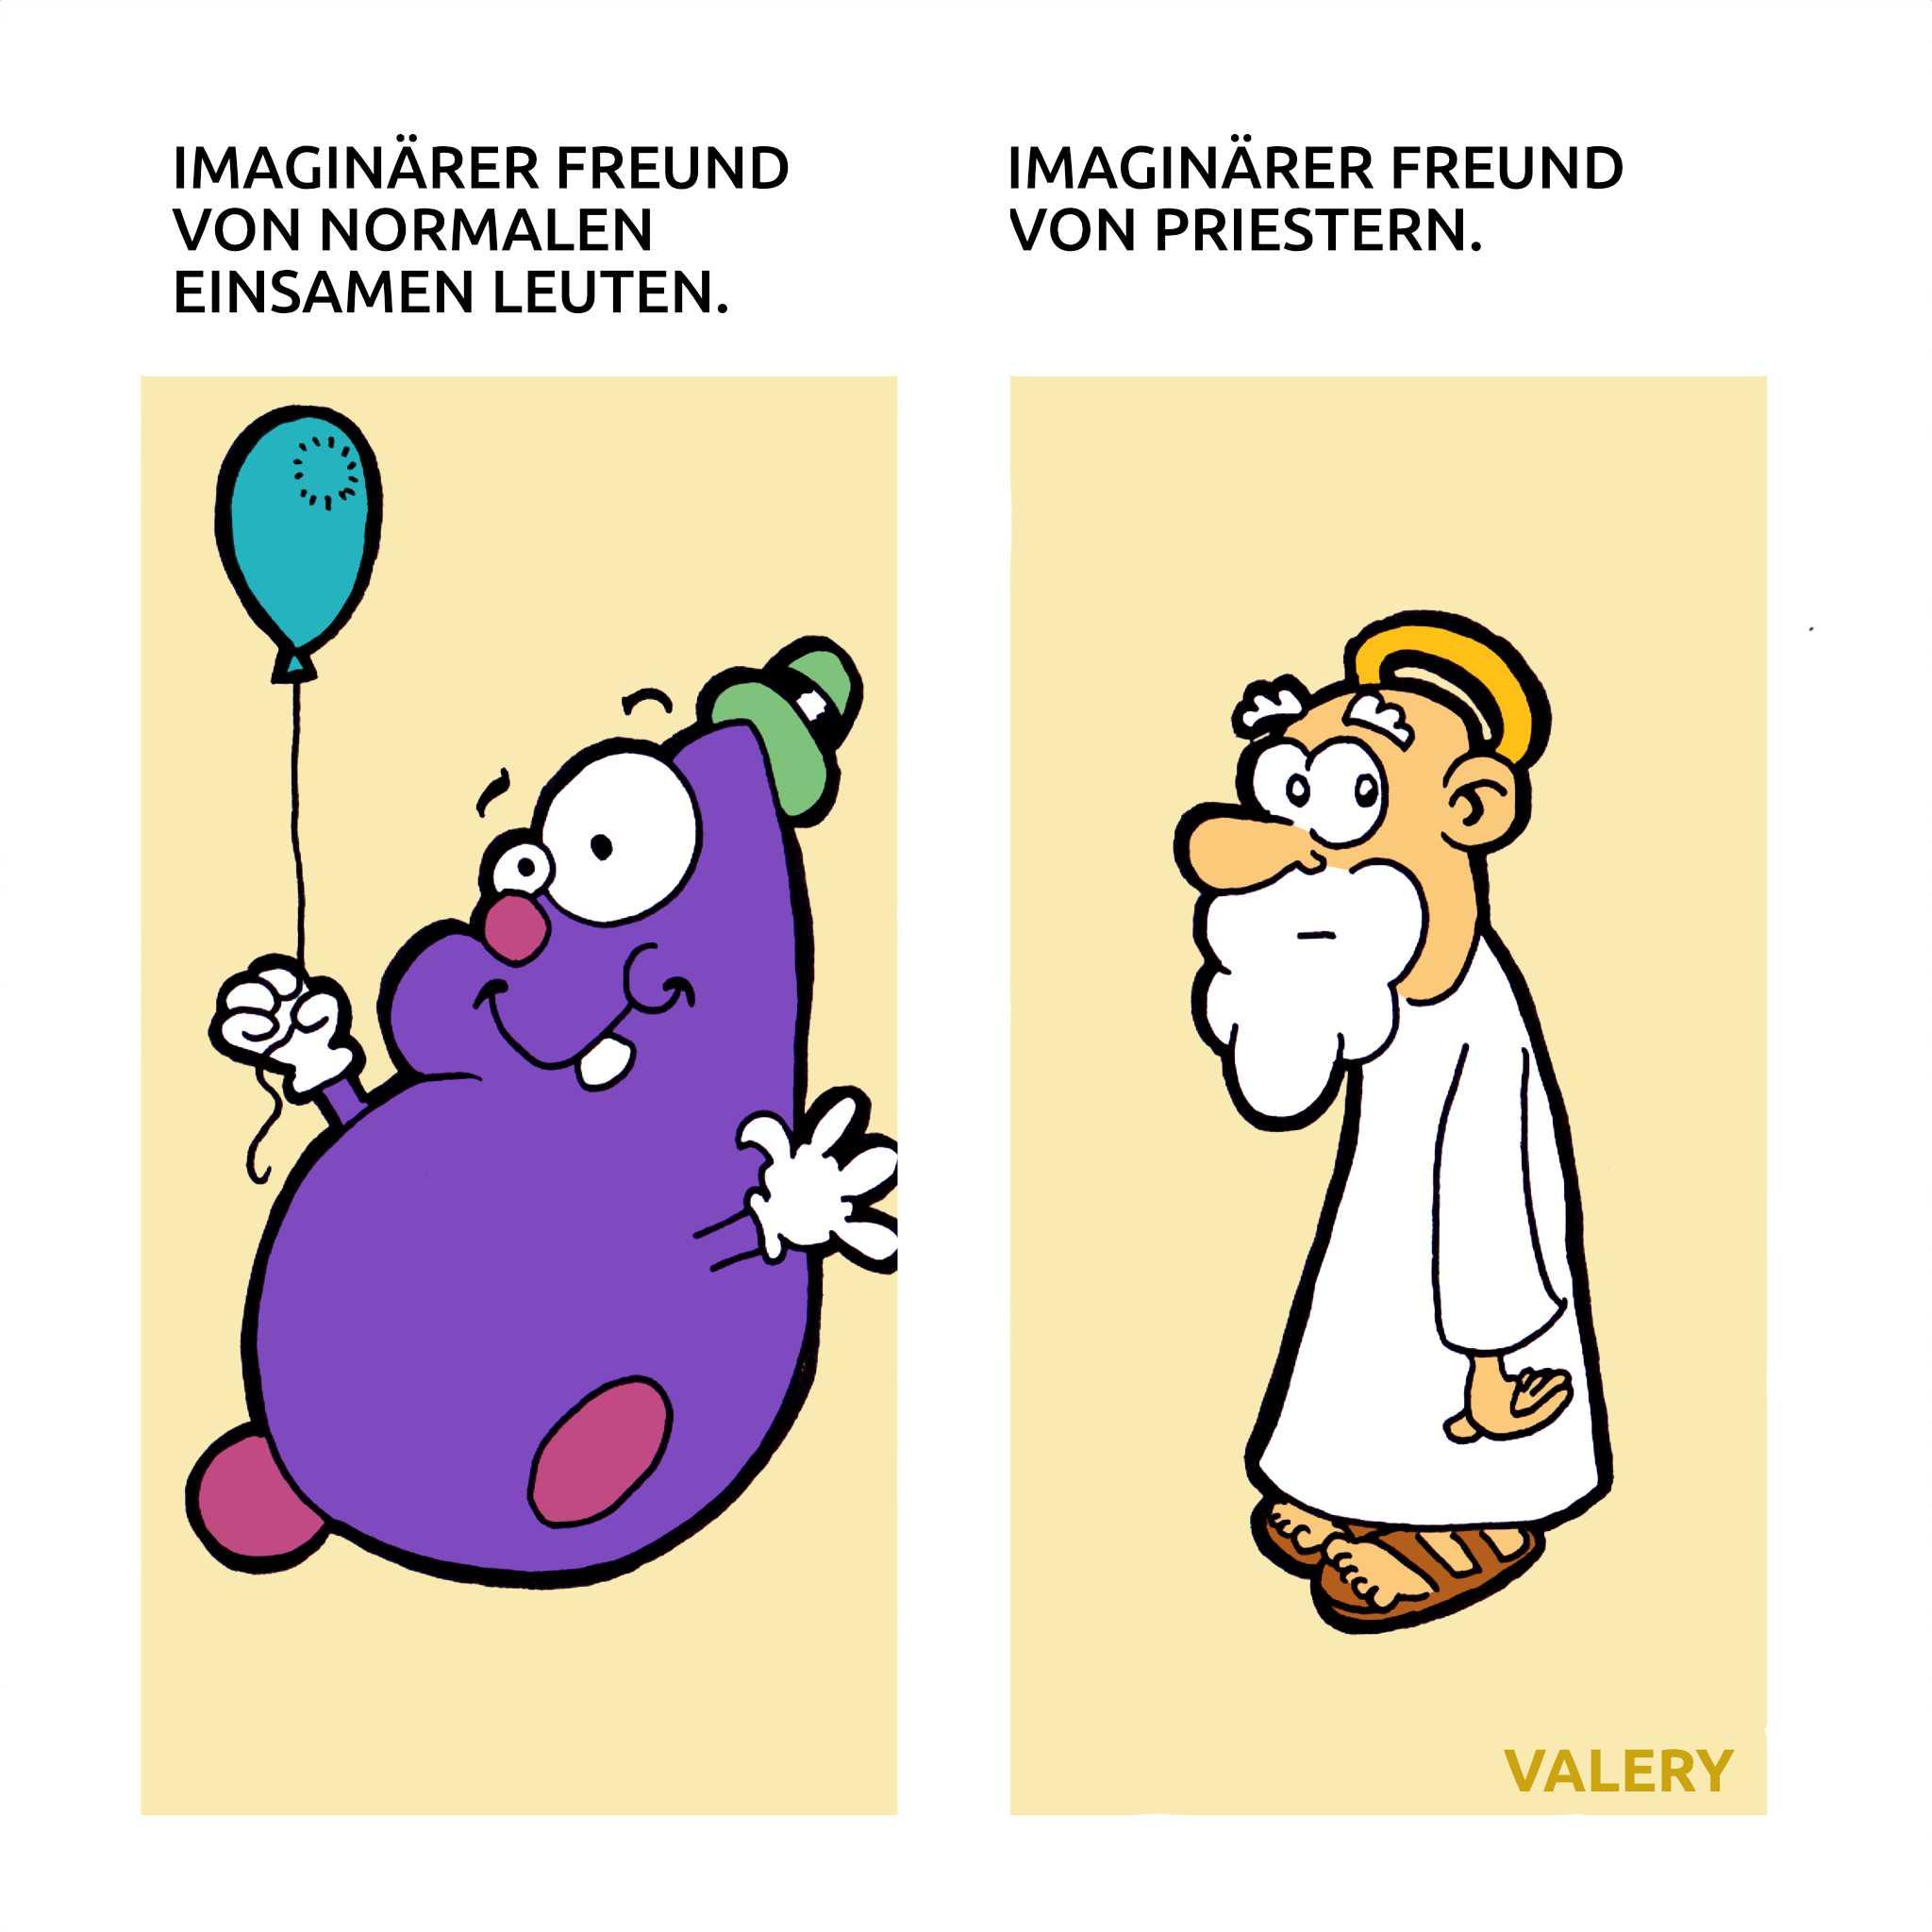 Imaginärer Freund Gott Cartoon